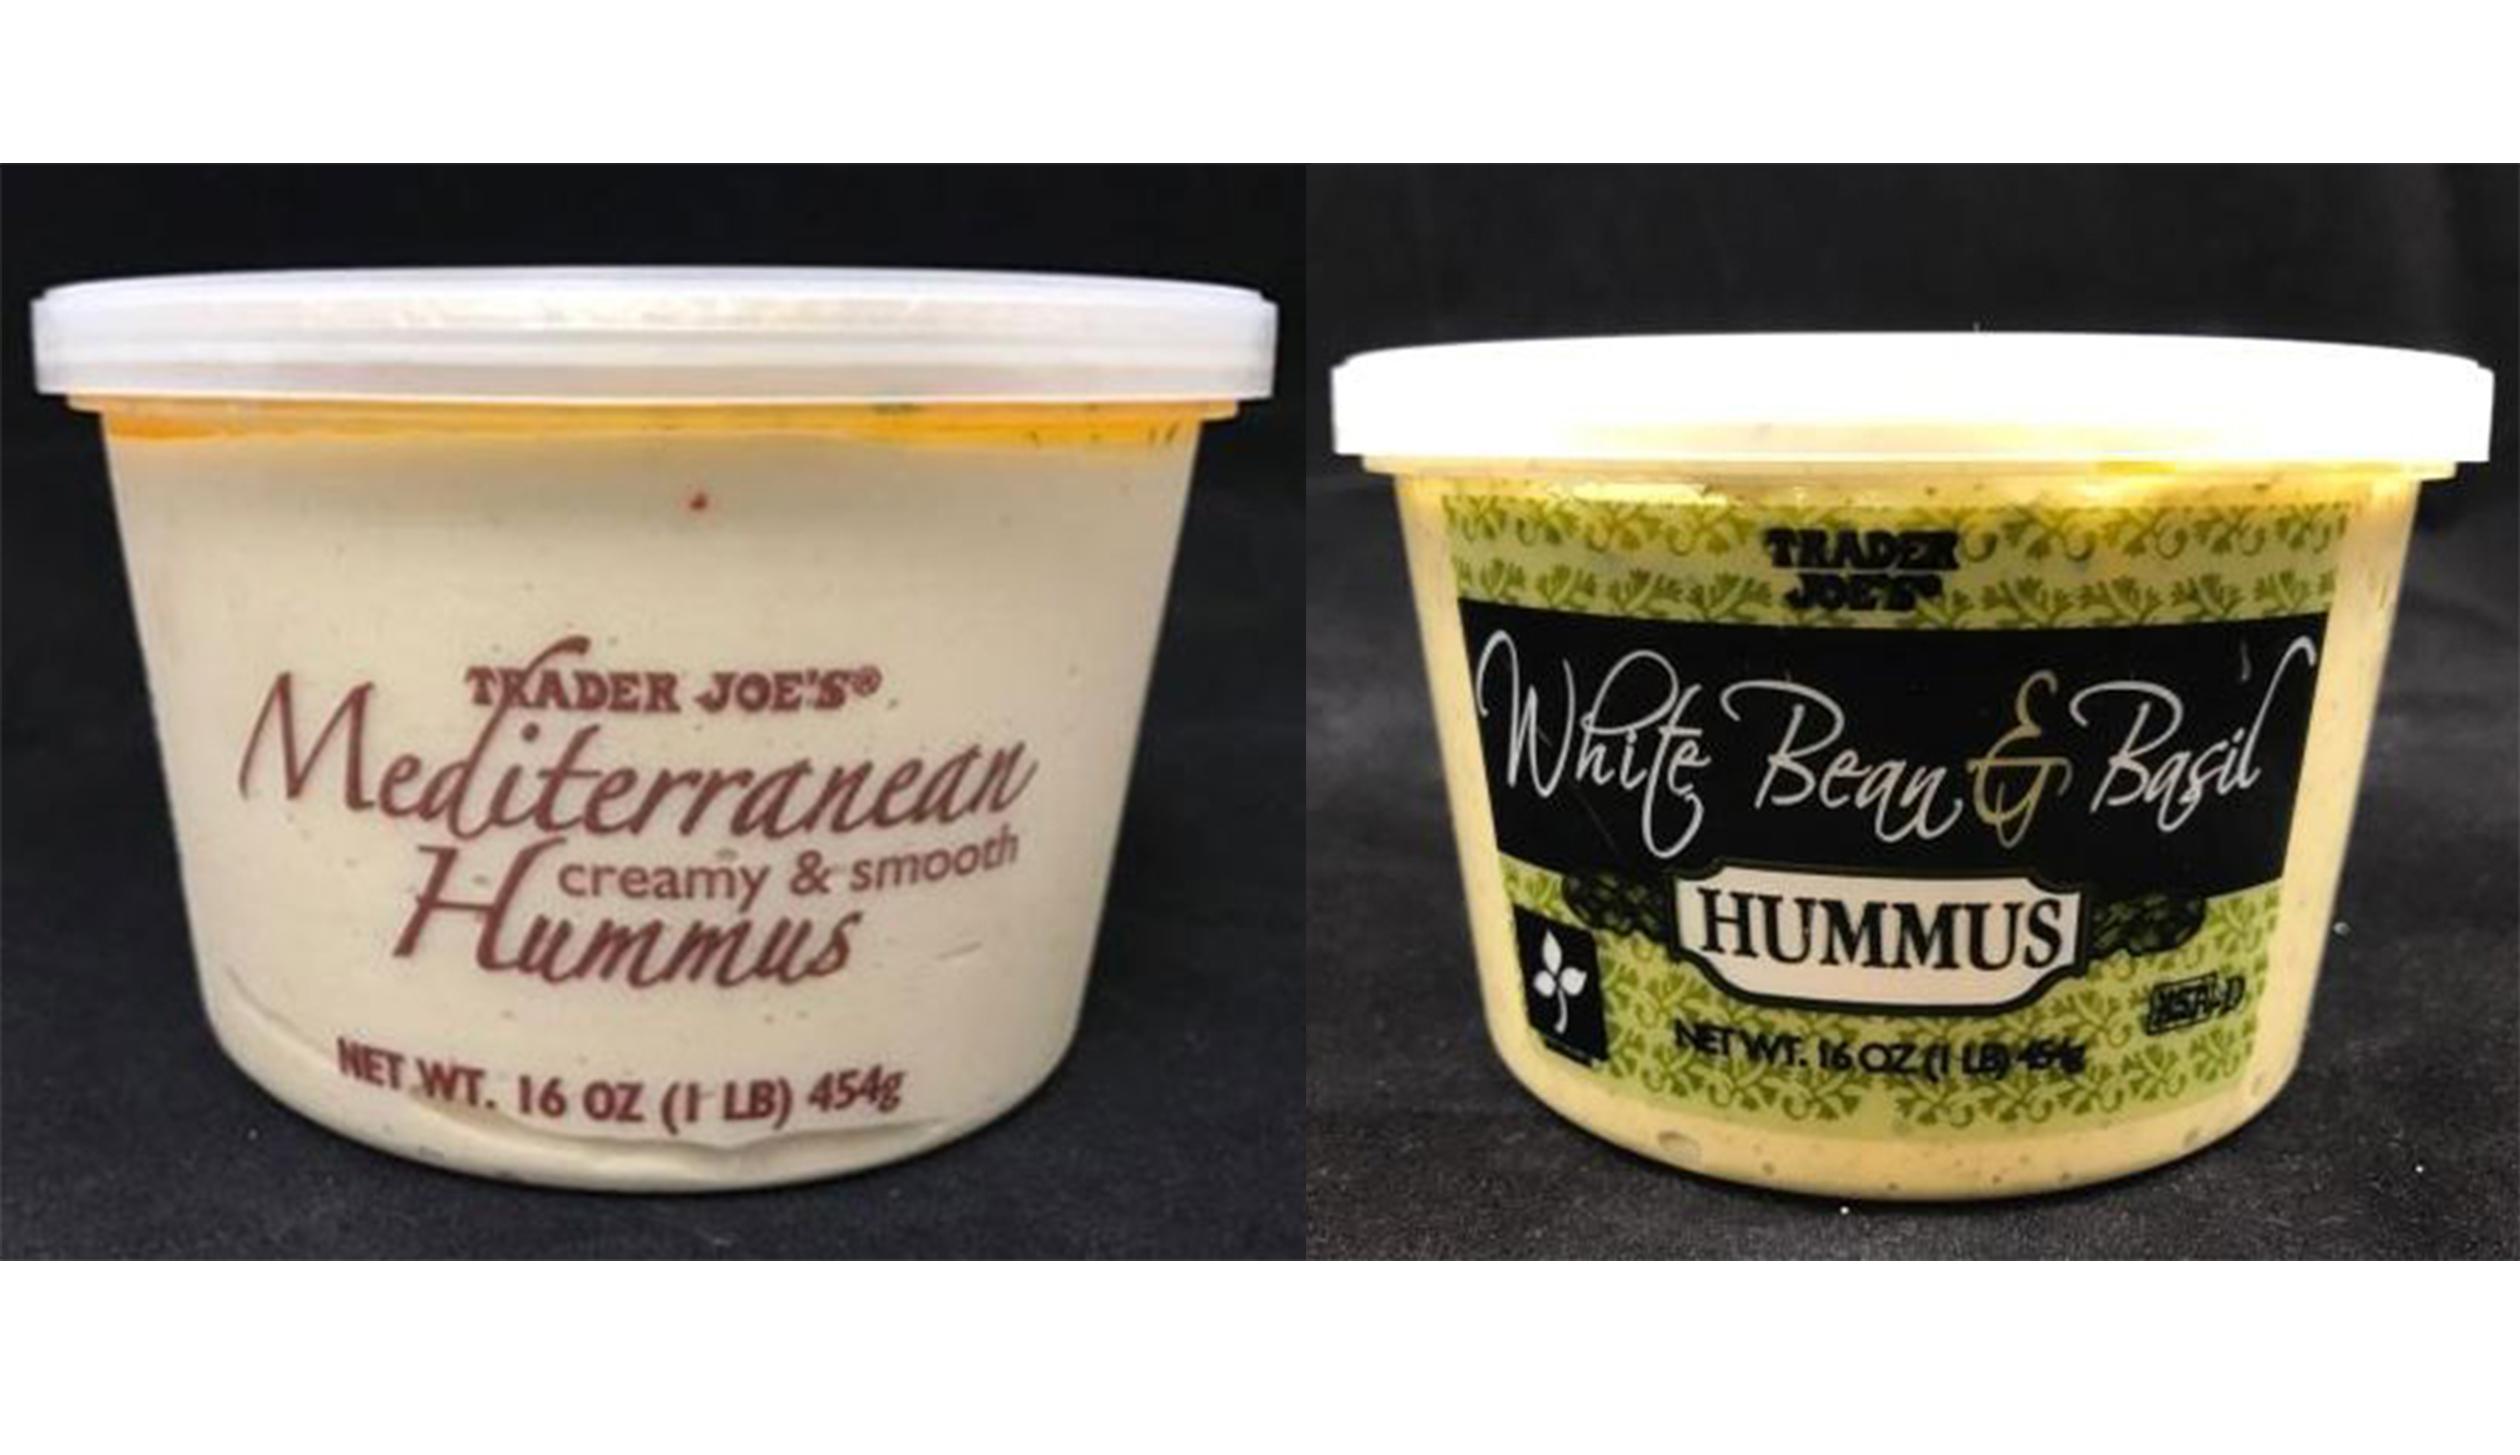 Trader Joe's recalls Mediterranean and White Bean & Basil hummus dips.